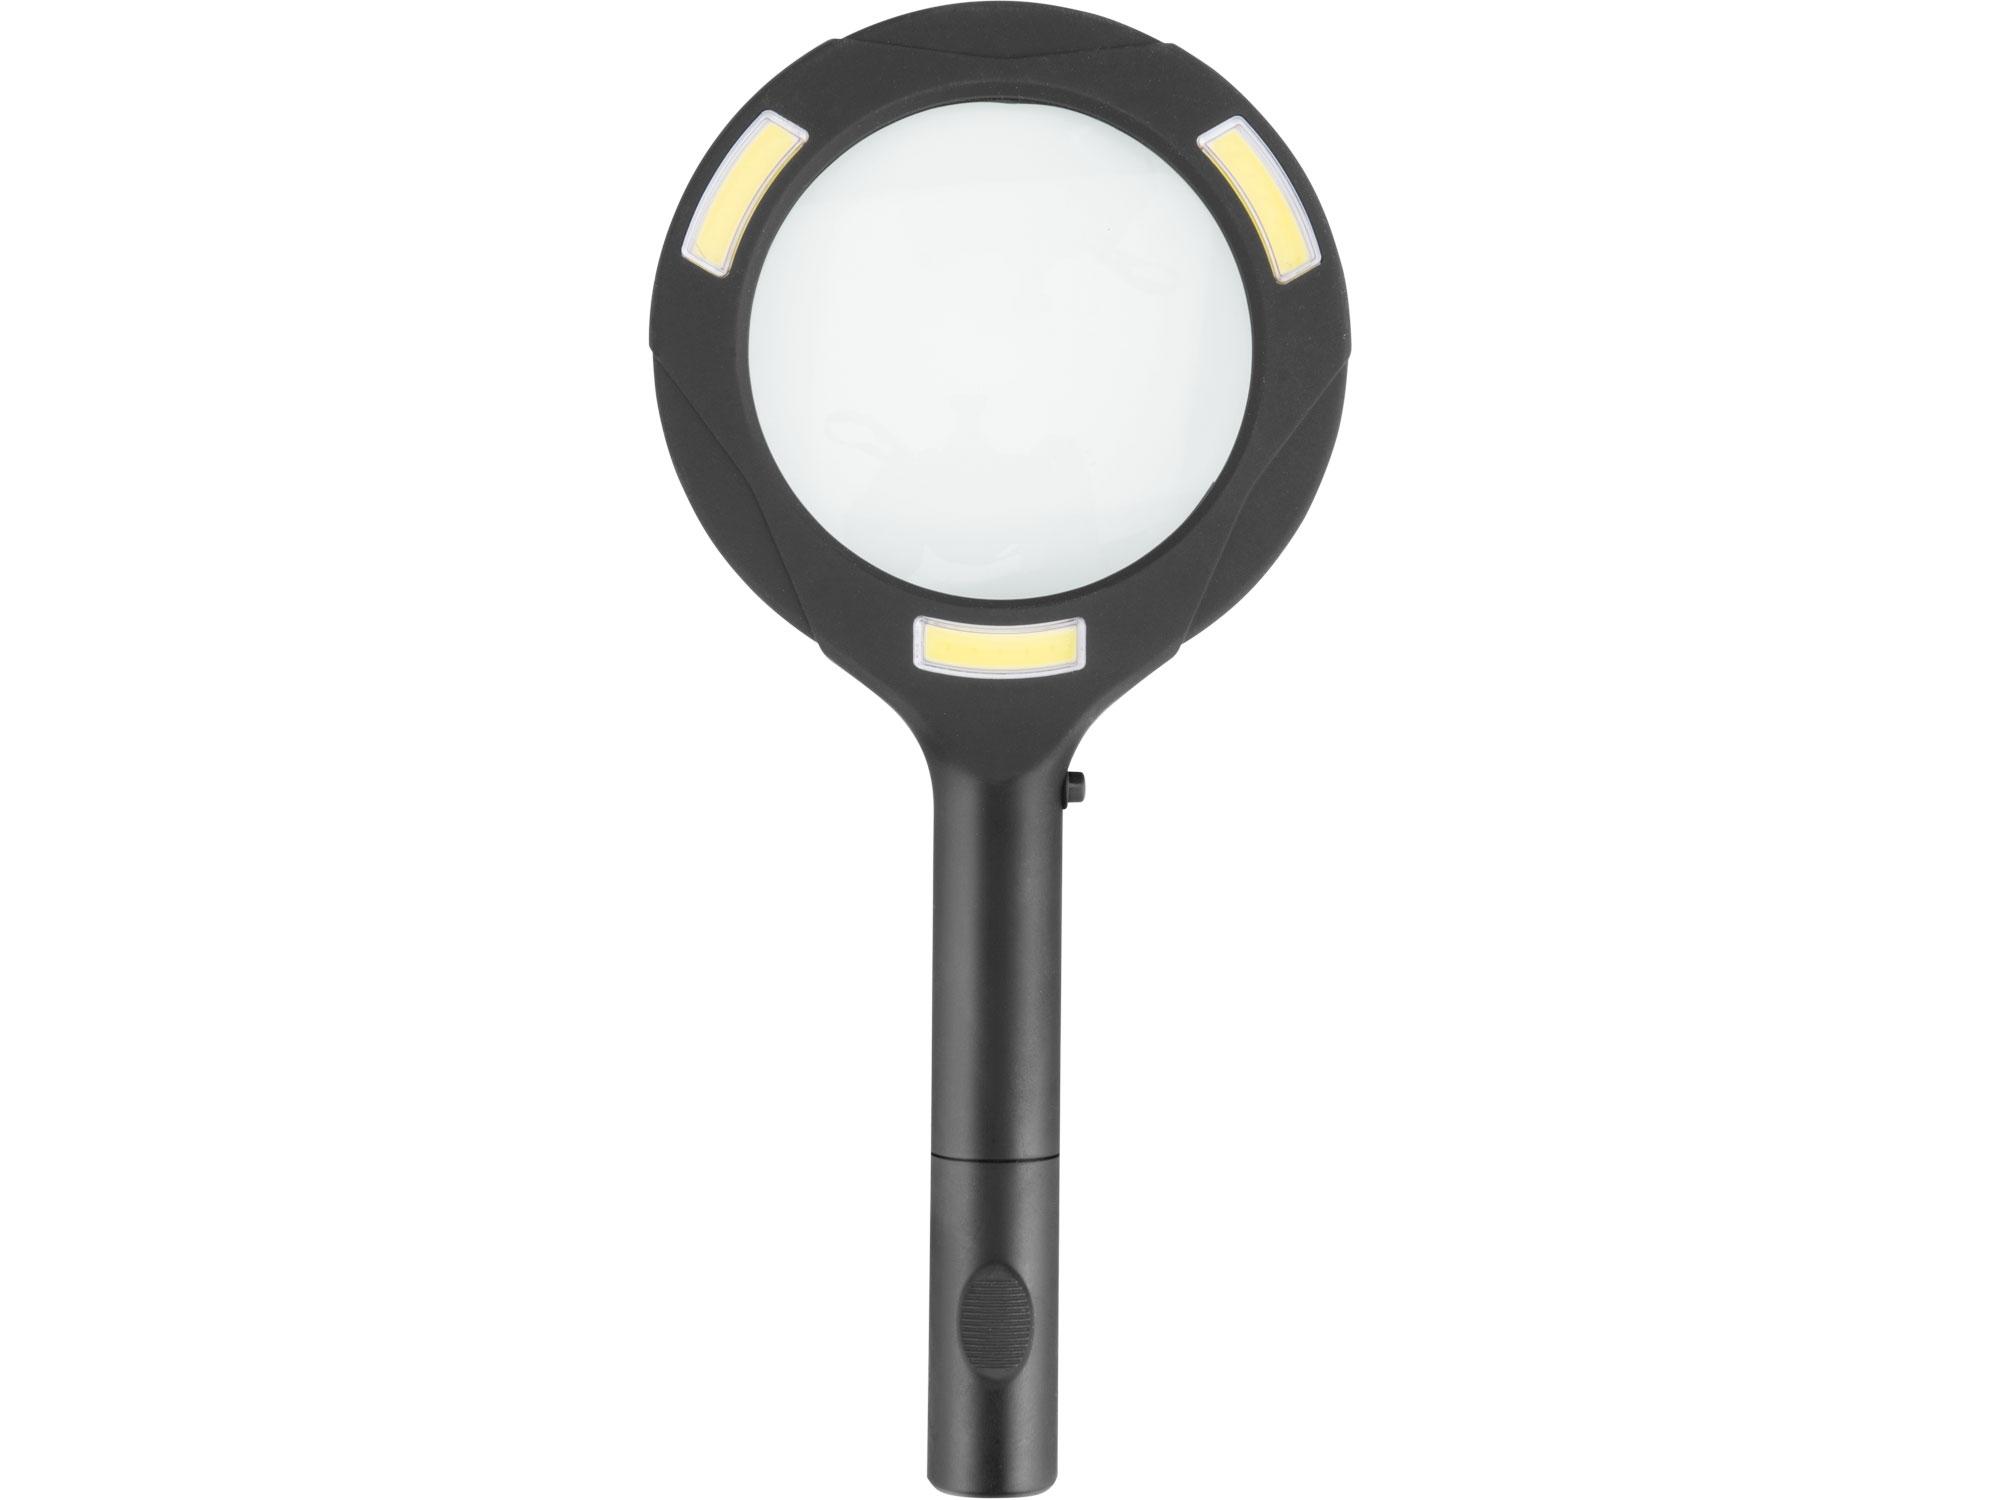 lupa se světlem 80lm, 5x zvětšení, 3x0,5W COB LED